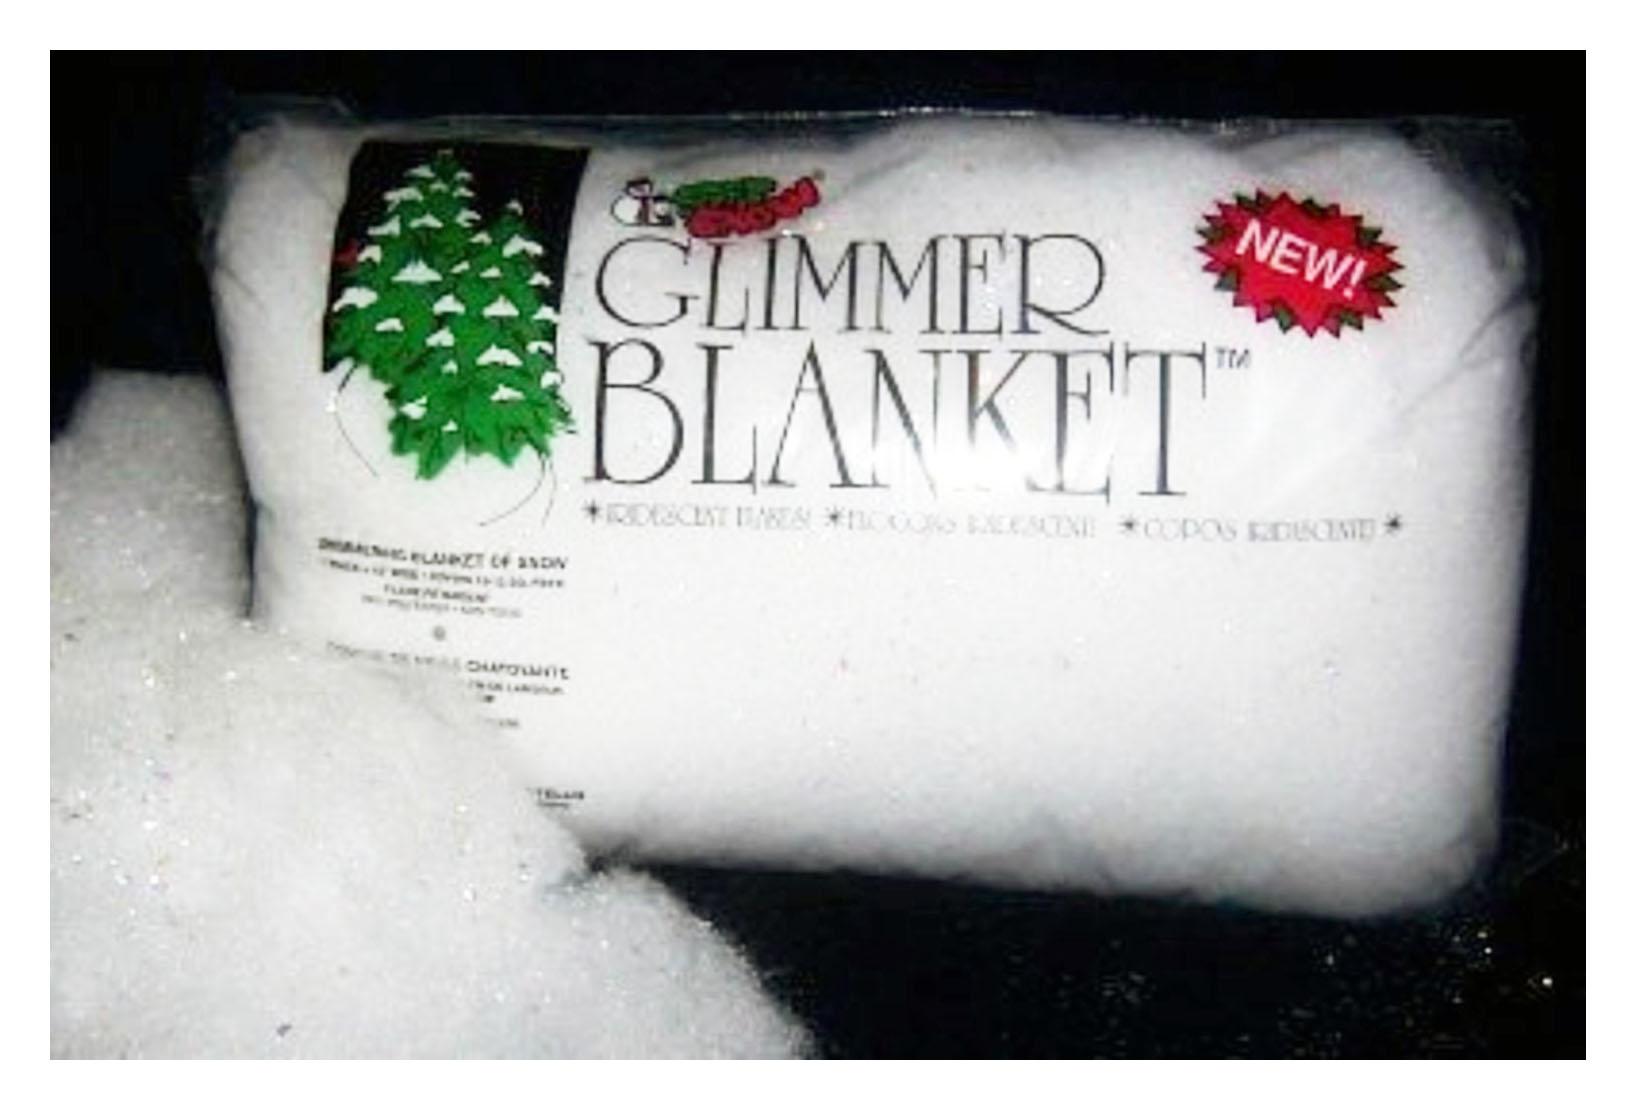 Iridescent Glimmer Snow Blanket